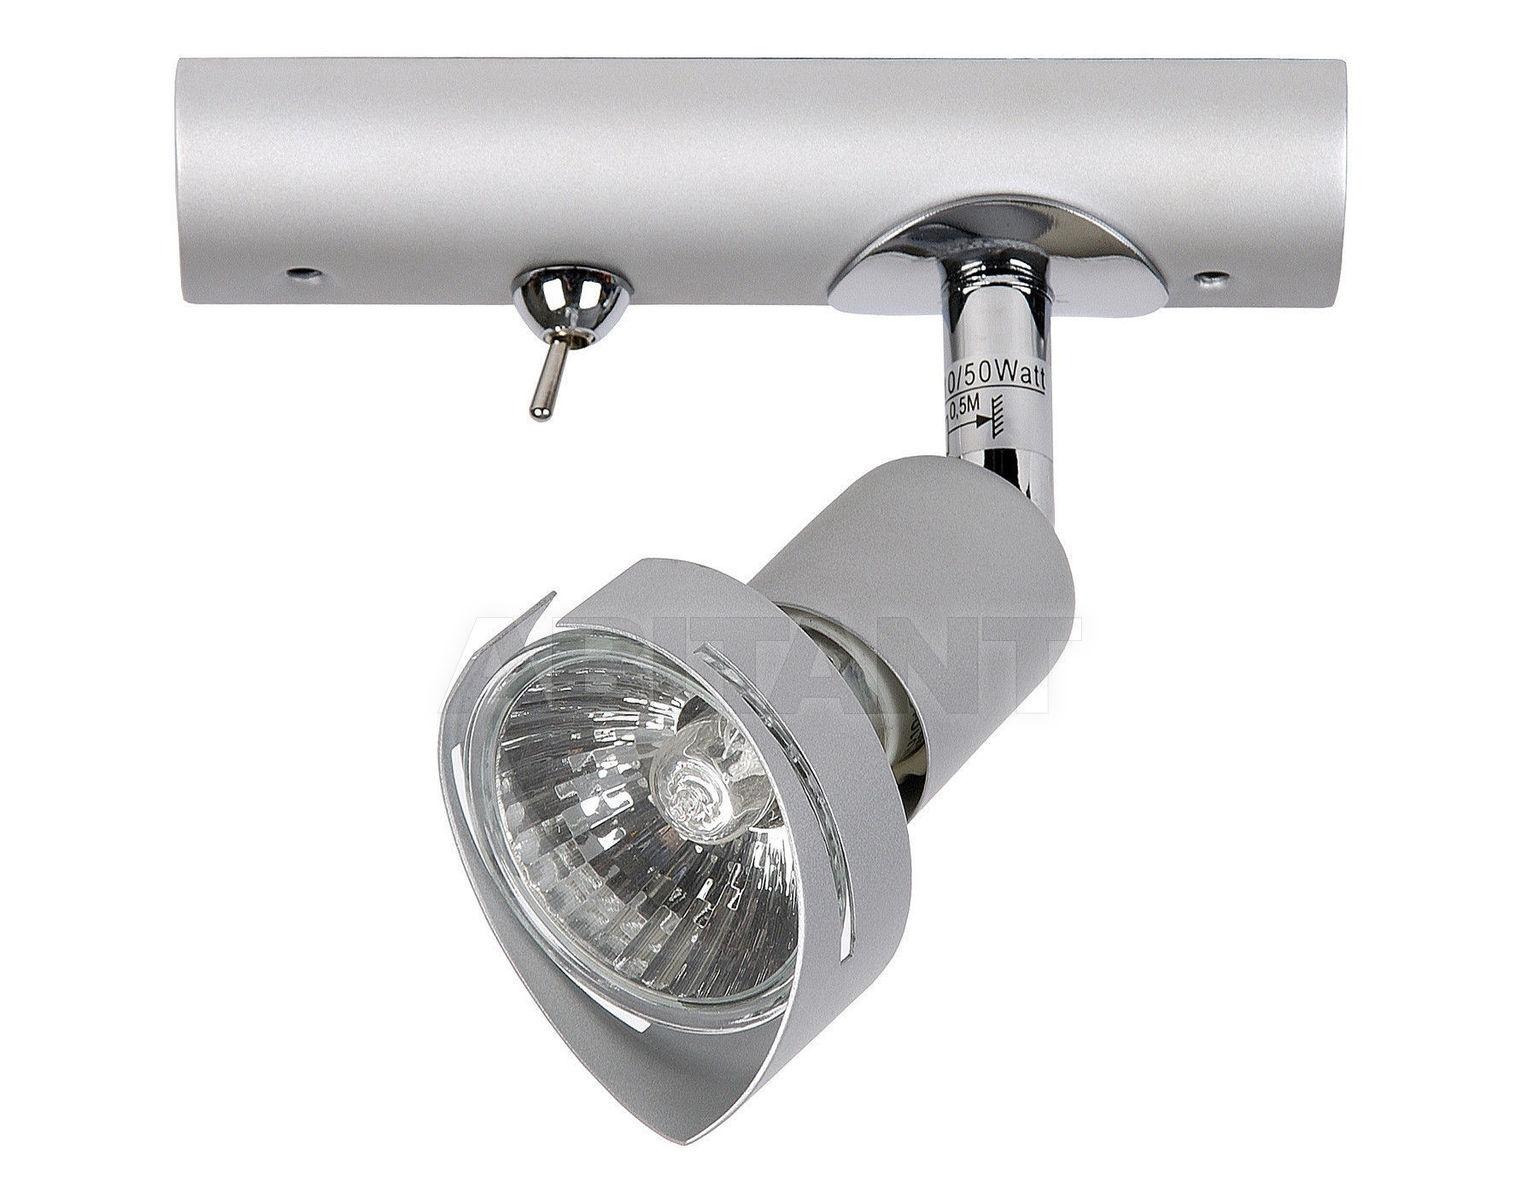 Купить Светильник-спот ELLA Lucide  Ceiling & Wall Lights 12922/21/36